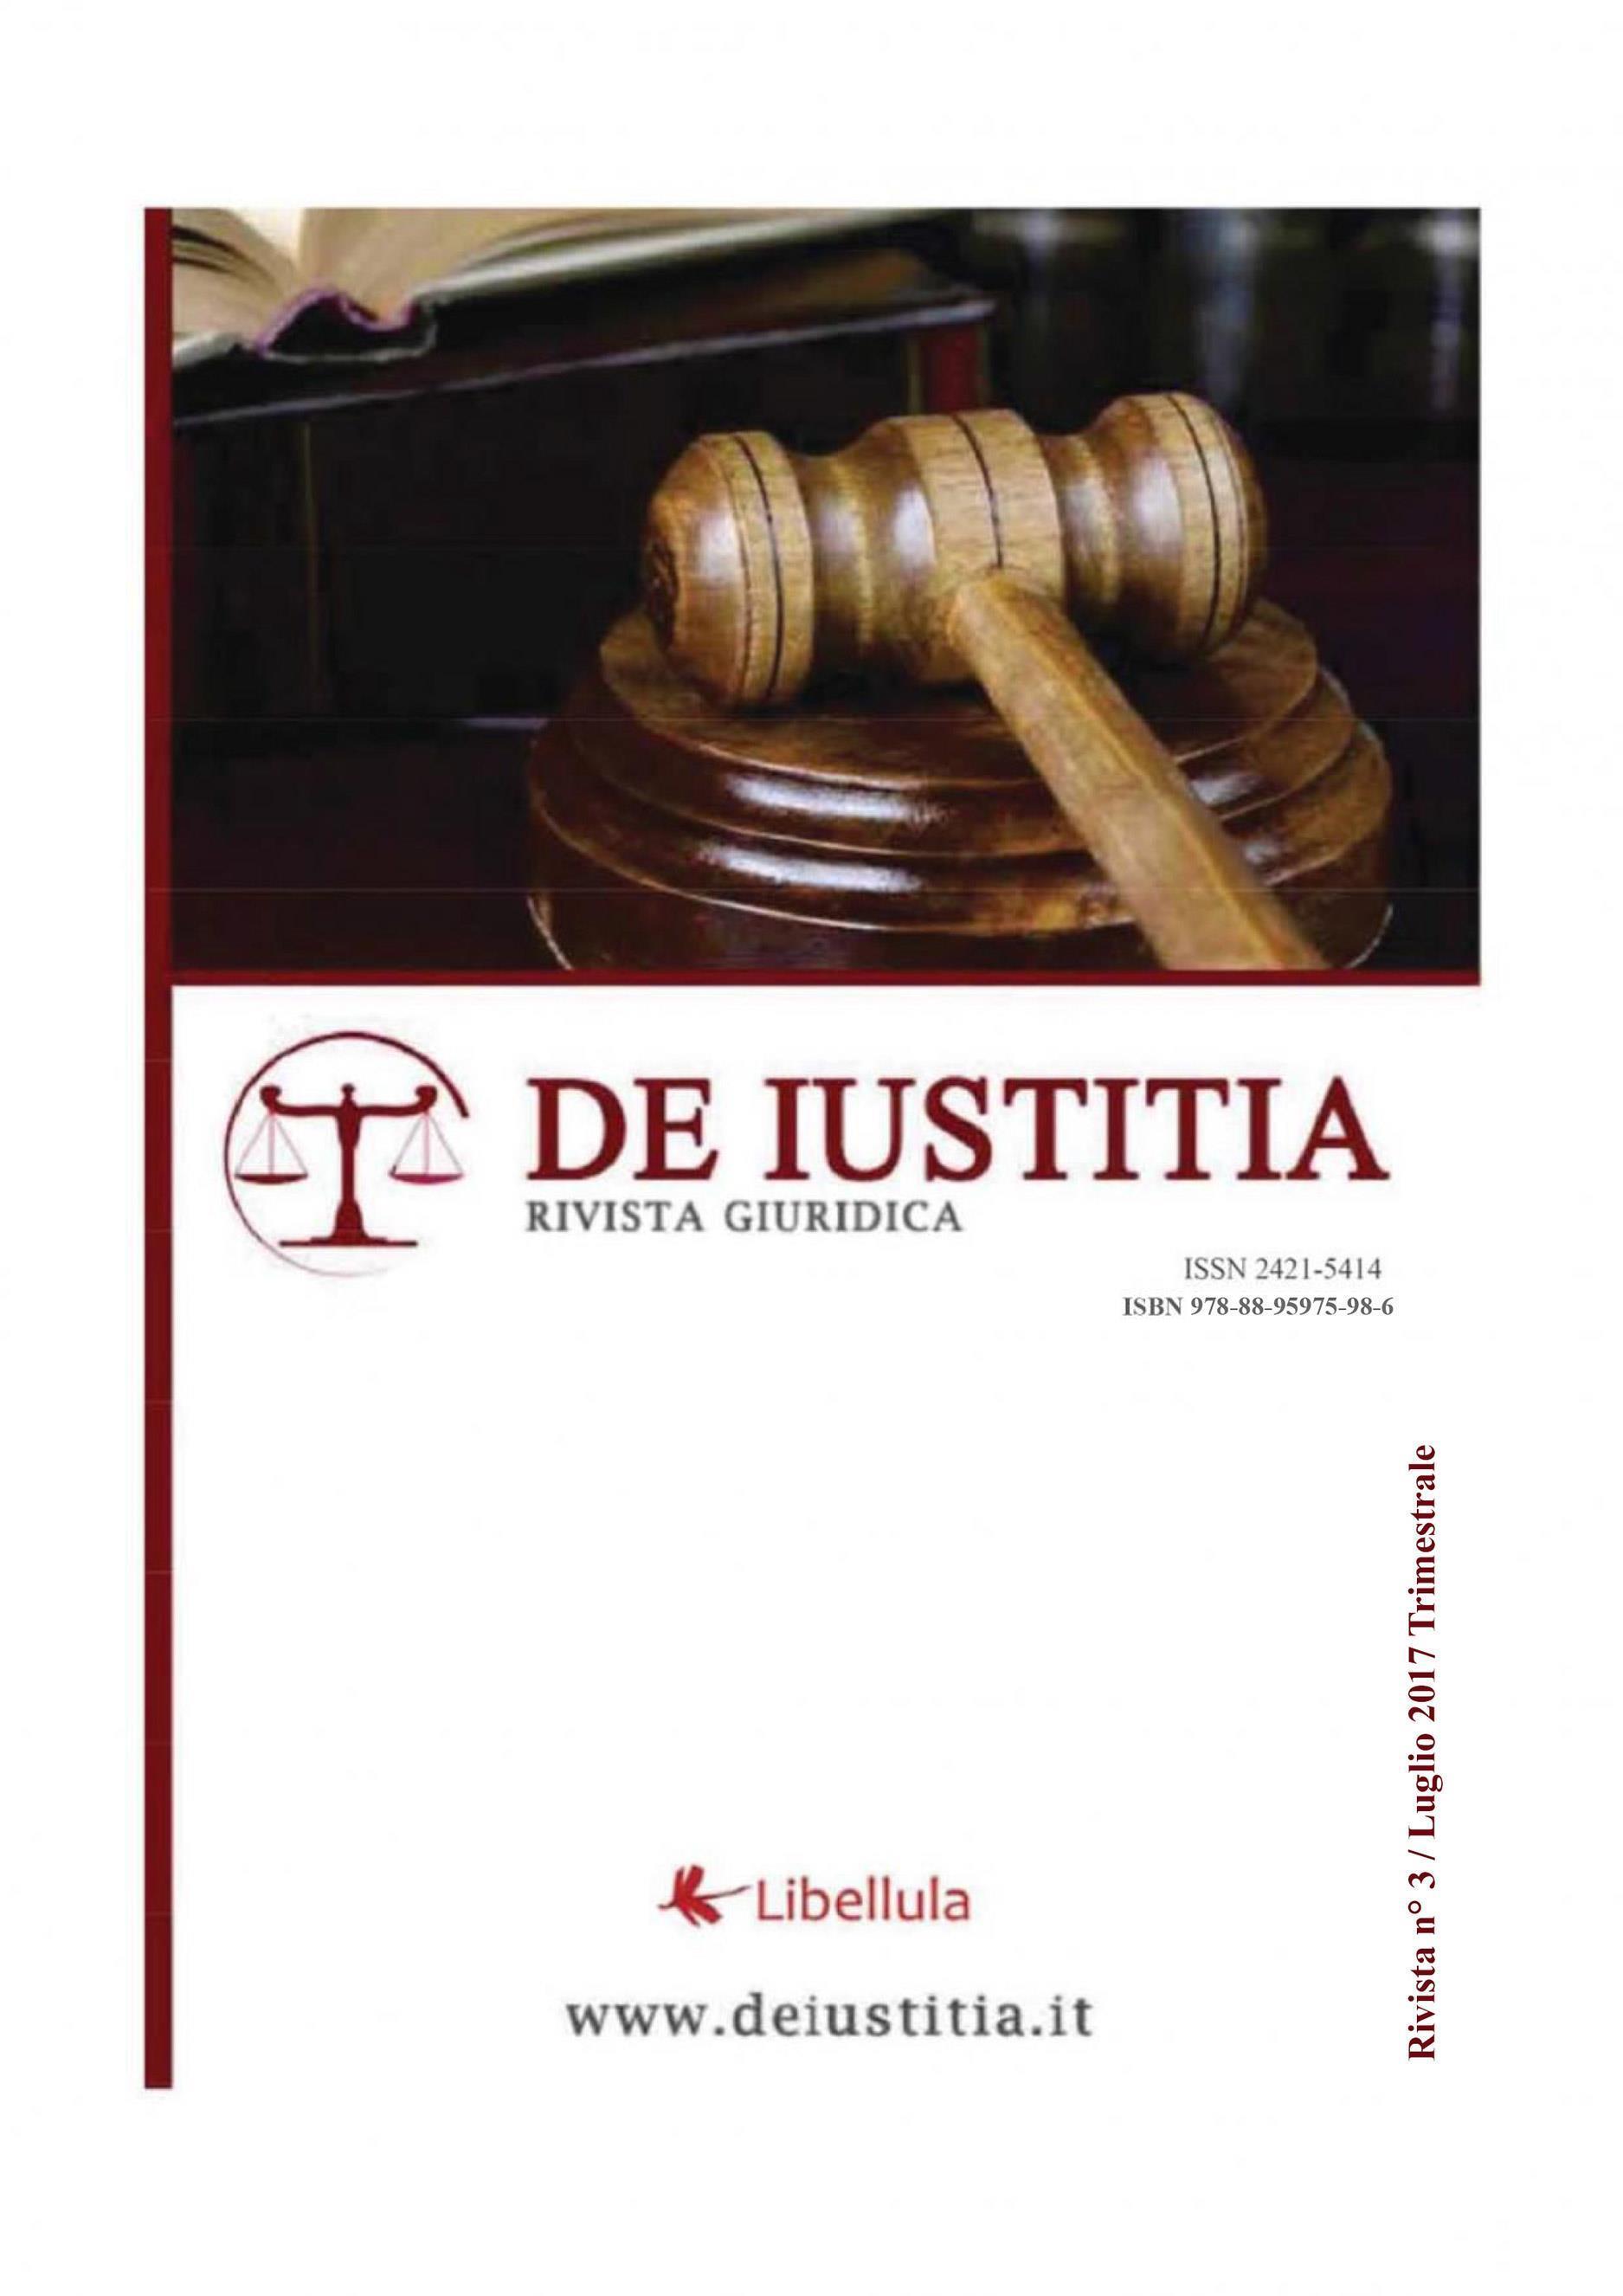 De Iustitia - Rivista di informazione giuridica - N. 3 Luglio 2017